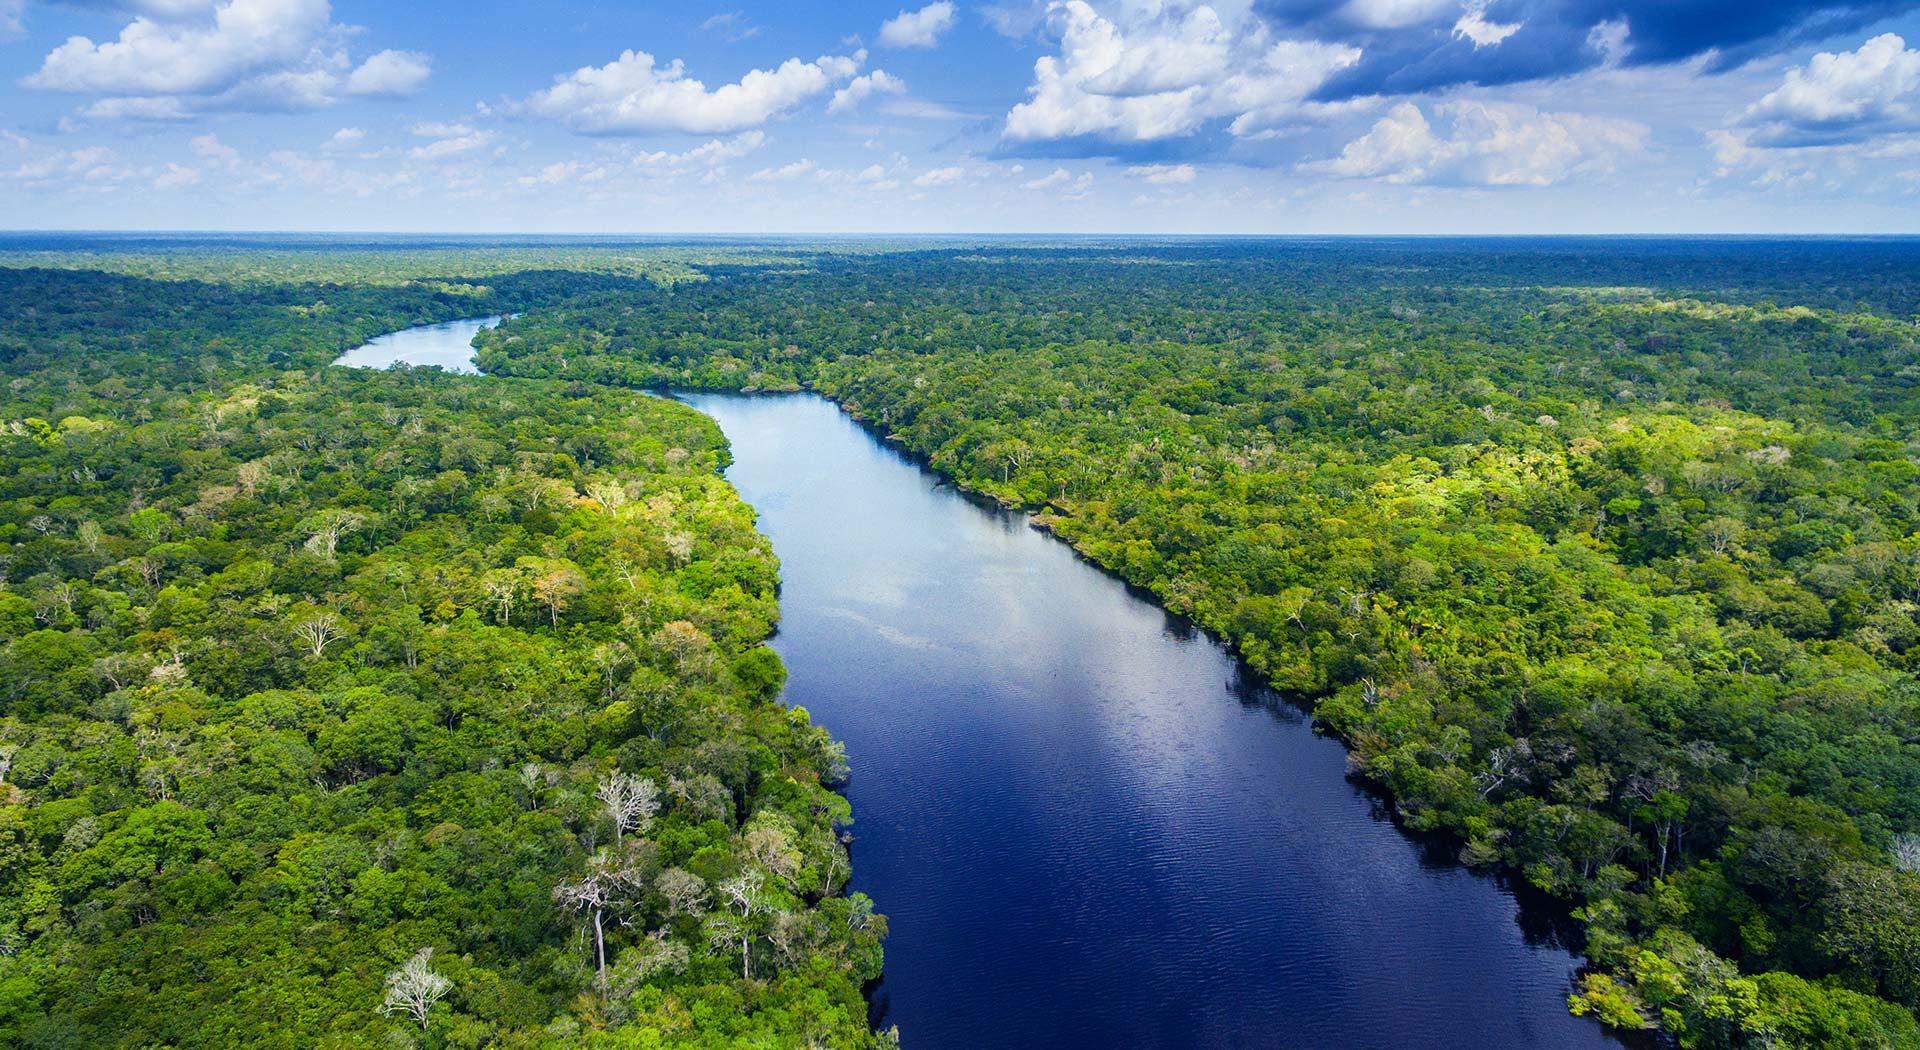 Imagem de uma floresta, com um lago entre as árvores.